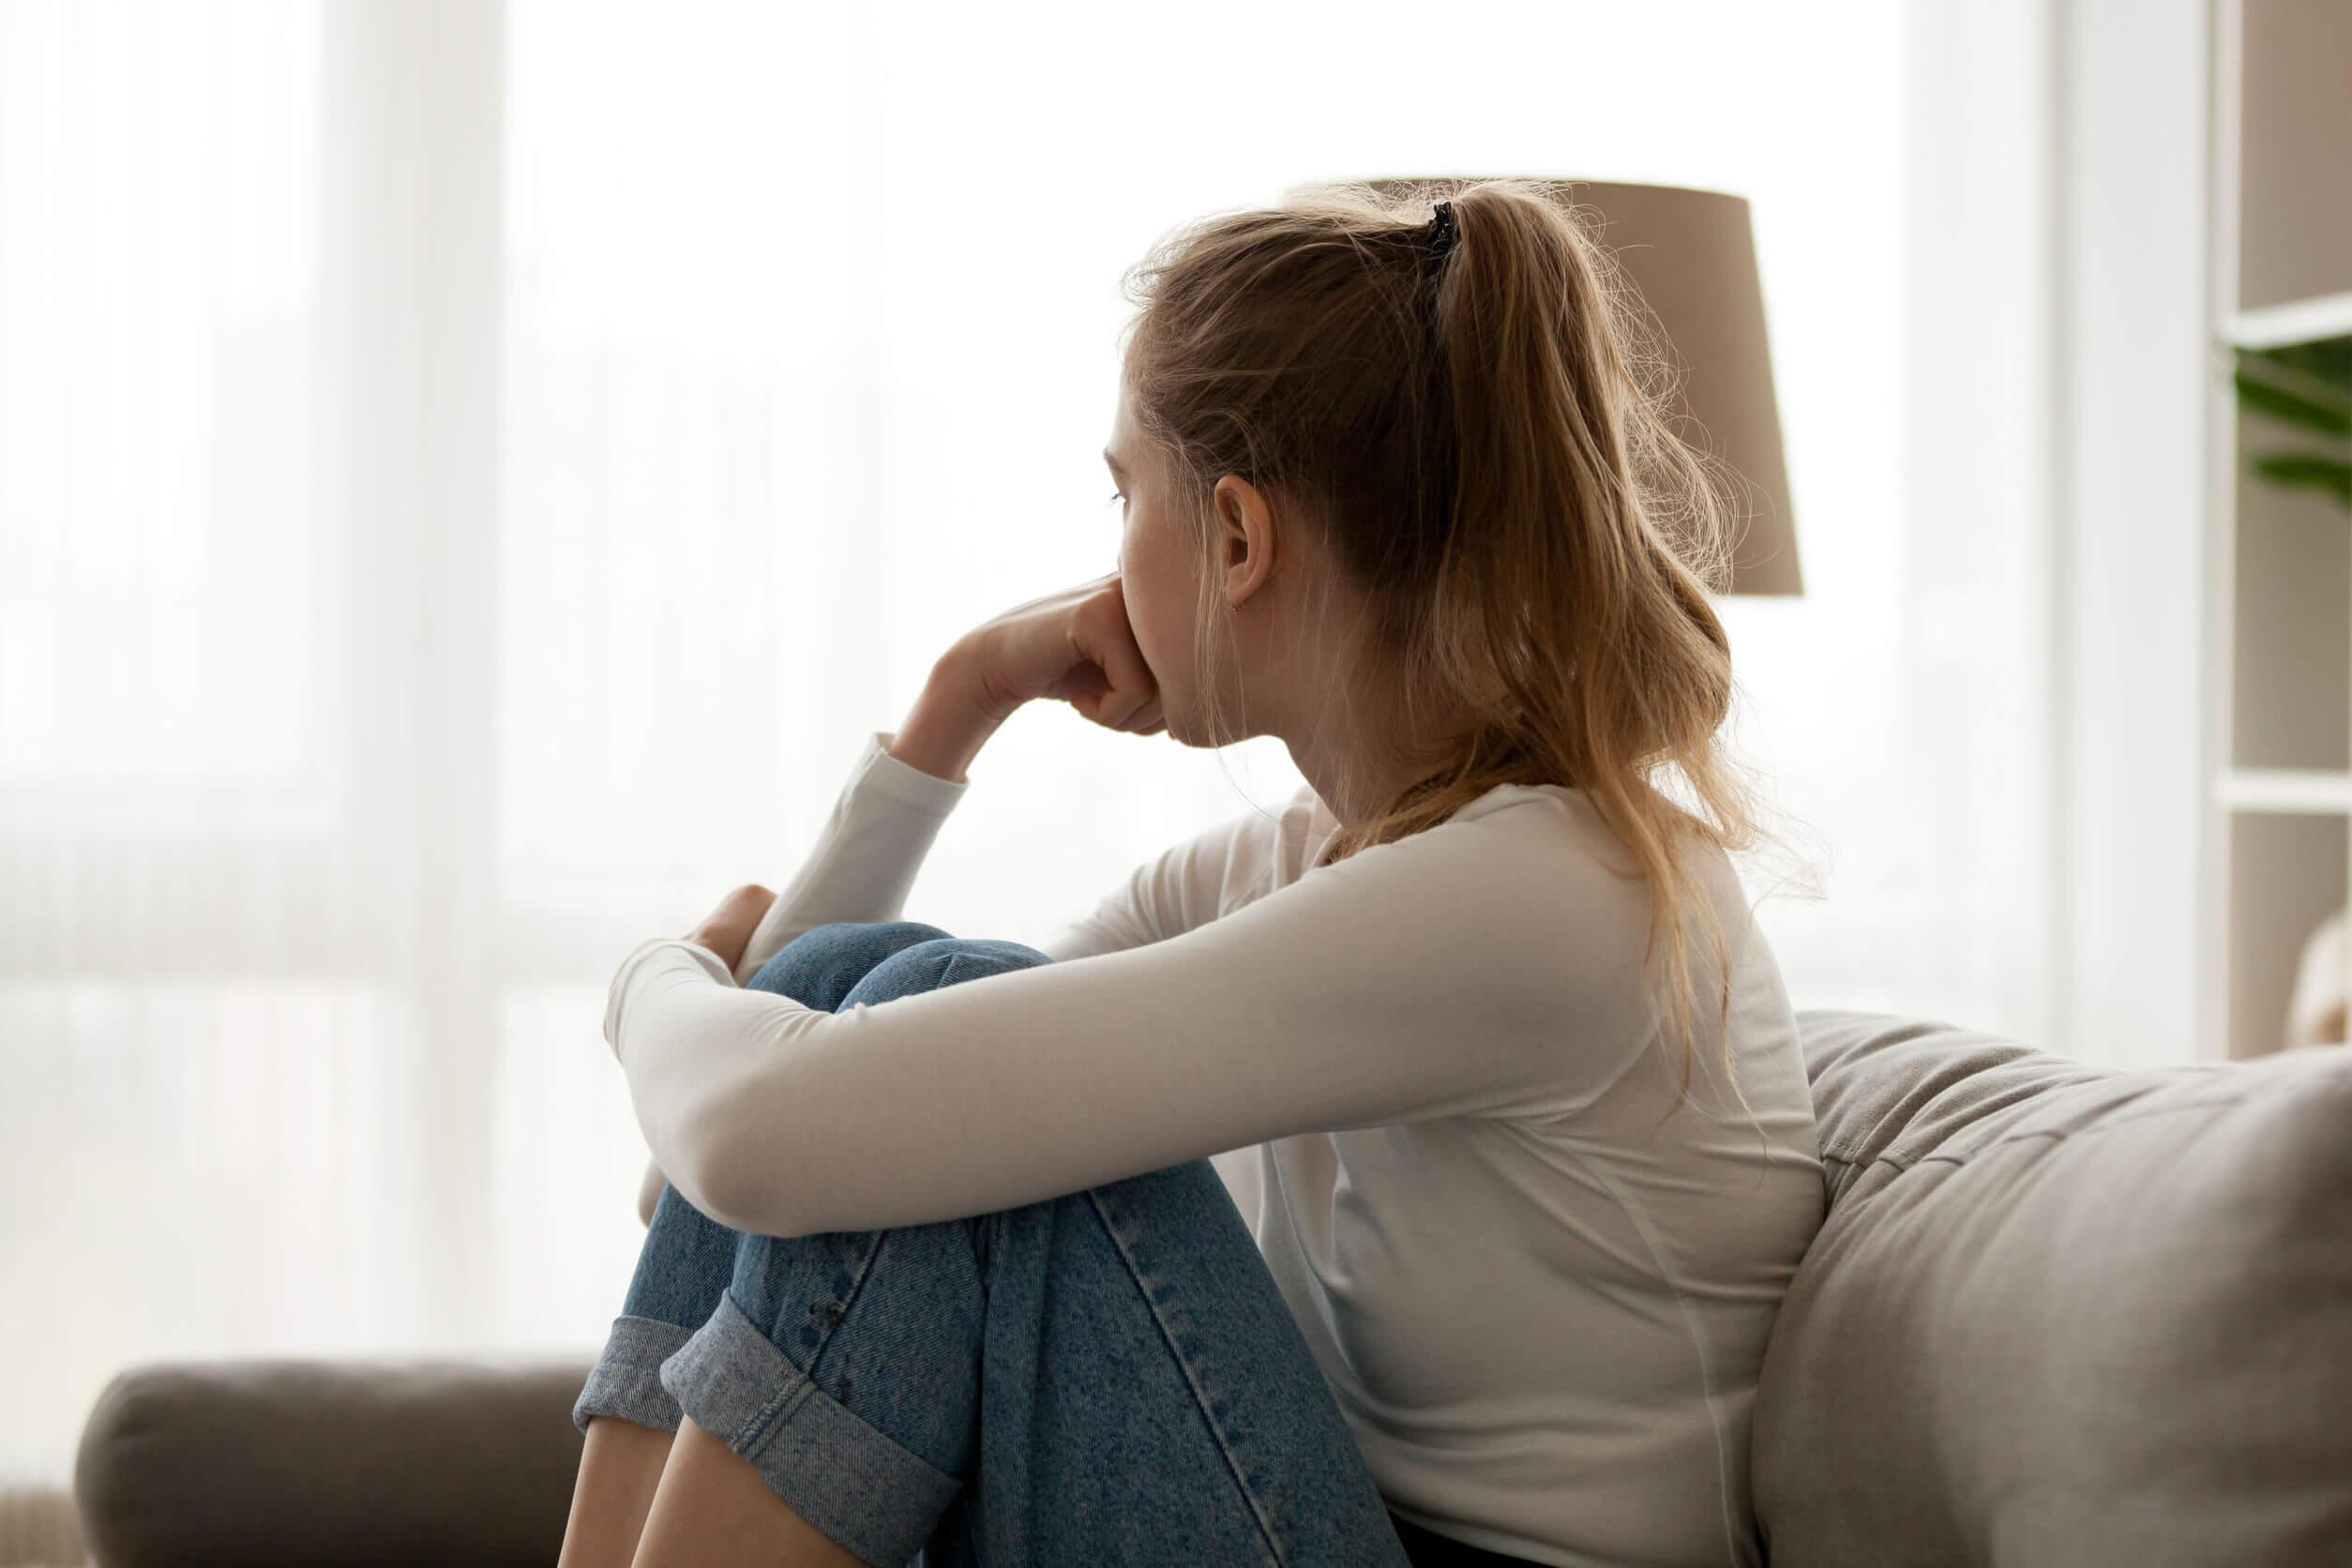 Chica adolescente pensando en su ruptura.